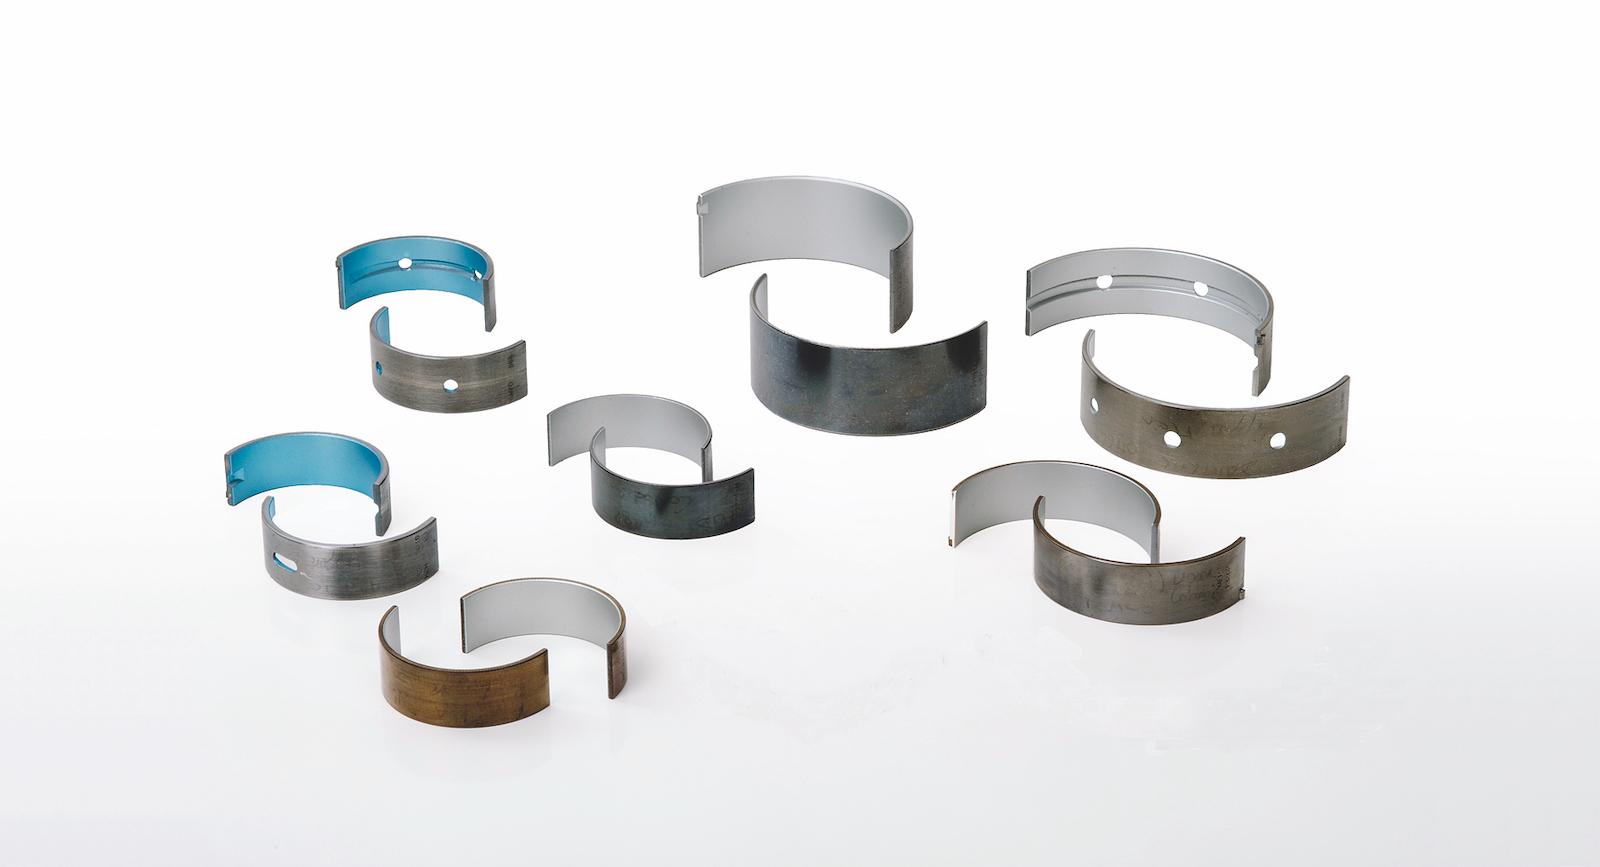 Neue-Polymerbeschichtung-für-Gleitlager-von-Mahle-1-1